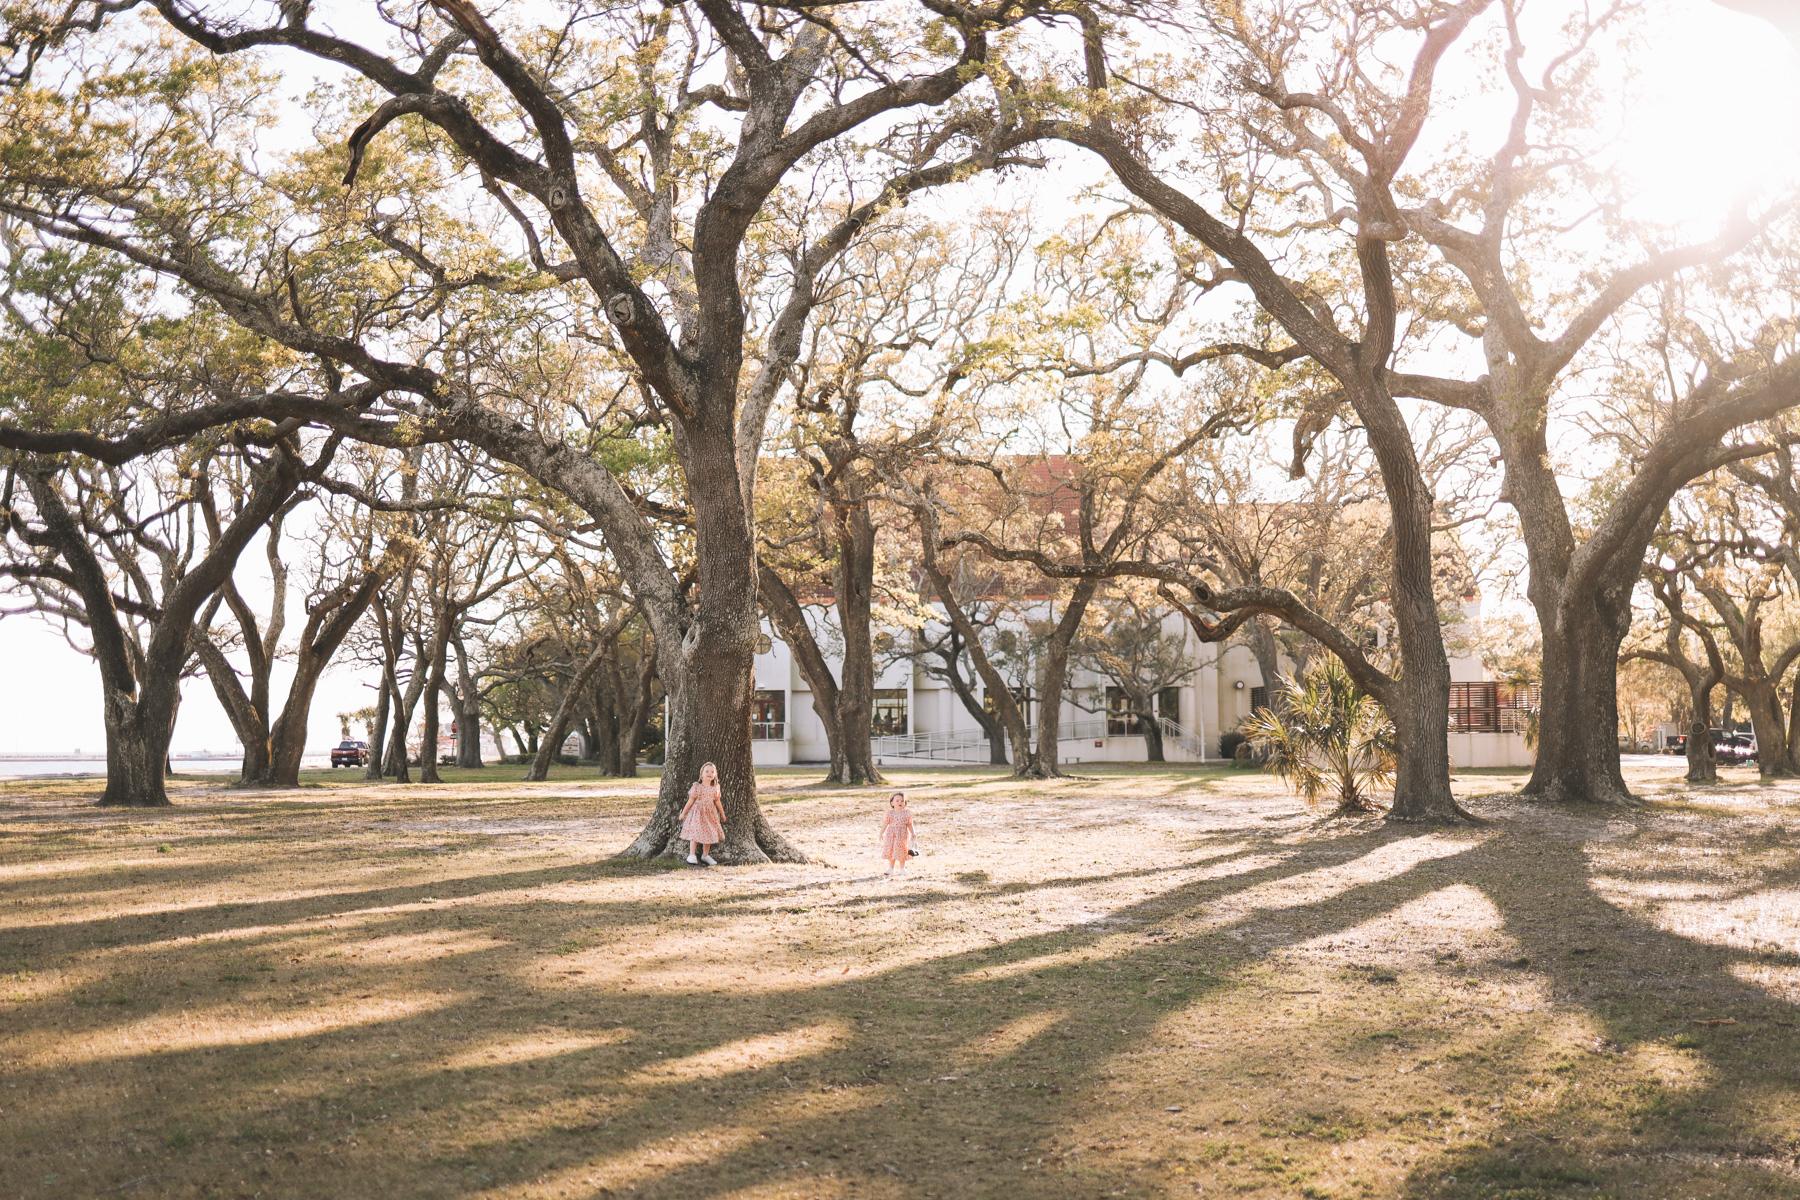 kids under oak trees